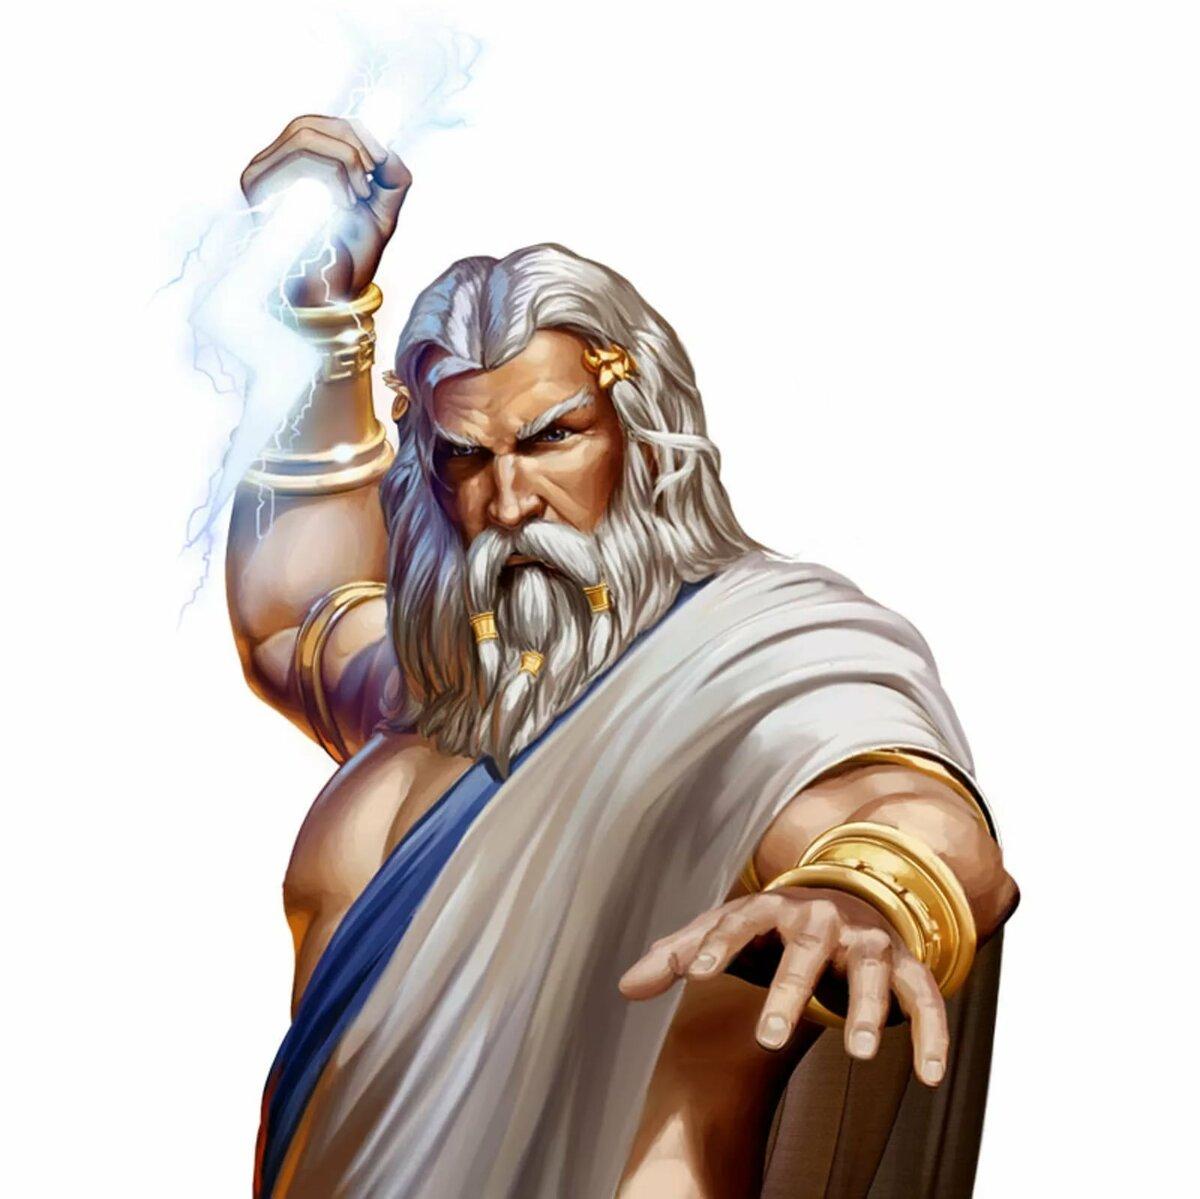 всего, картинки греческих богов смешные них сразу обрели